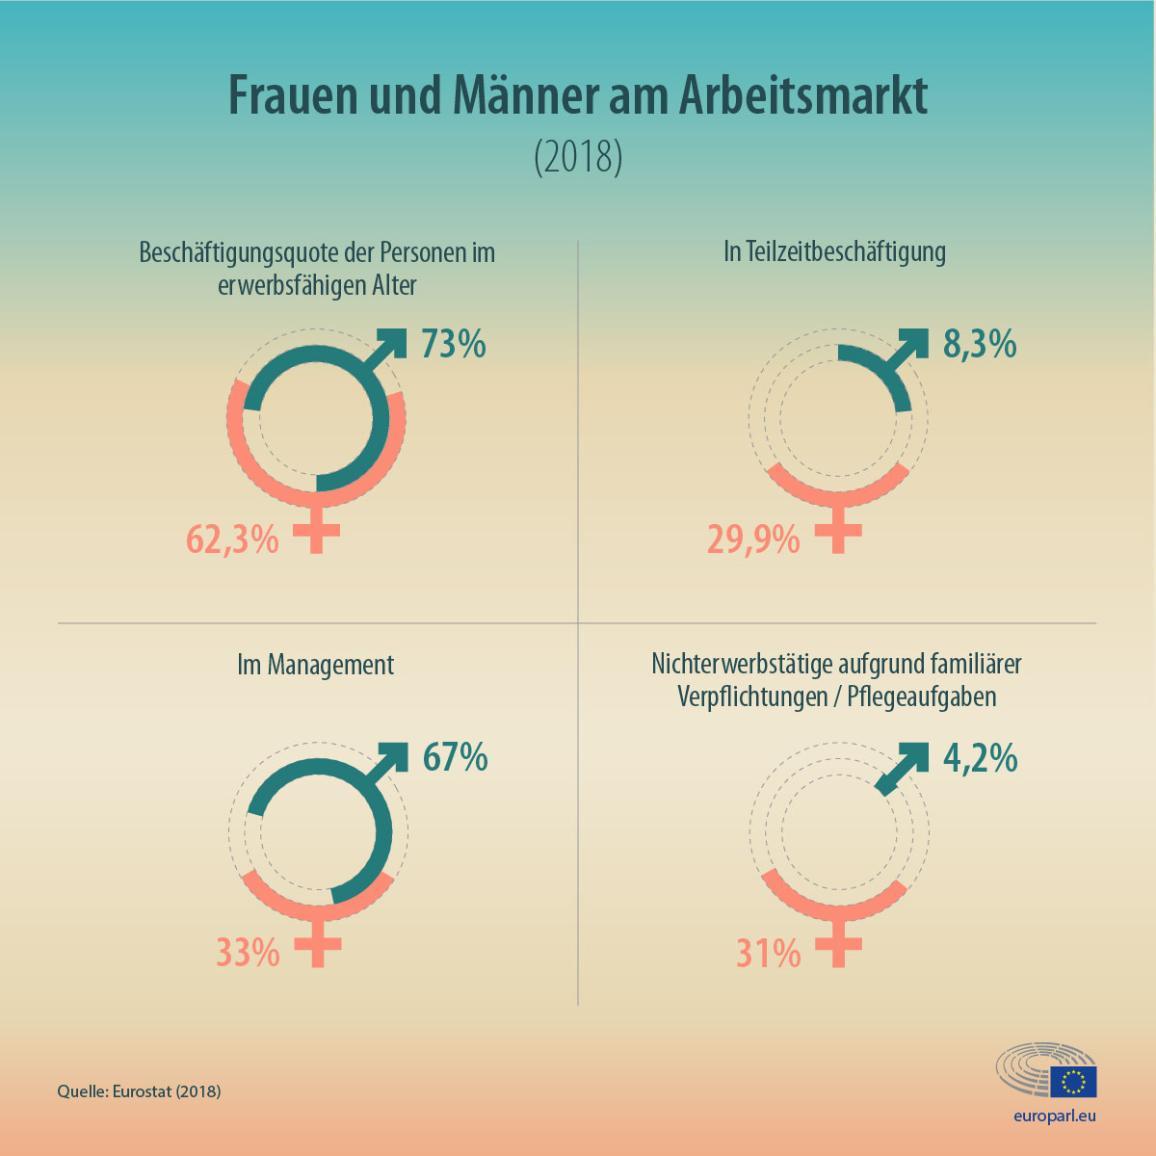 Infografik mit Statistiken zu Frauen und Männern auf dem Arbeitsmarkt in der EU